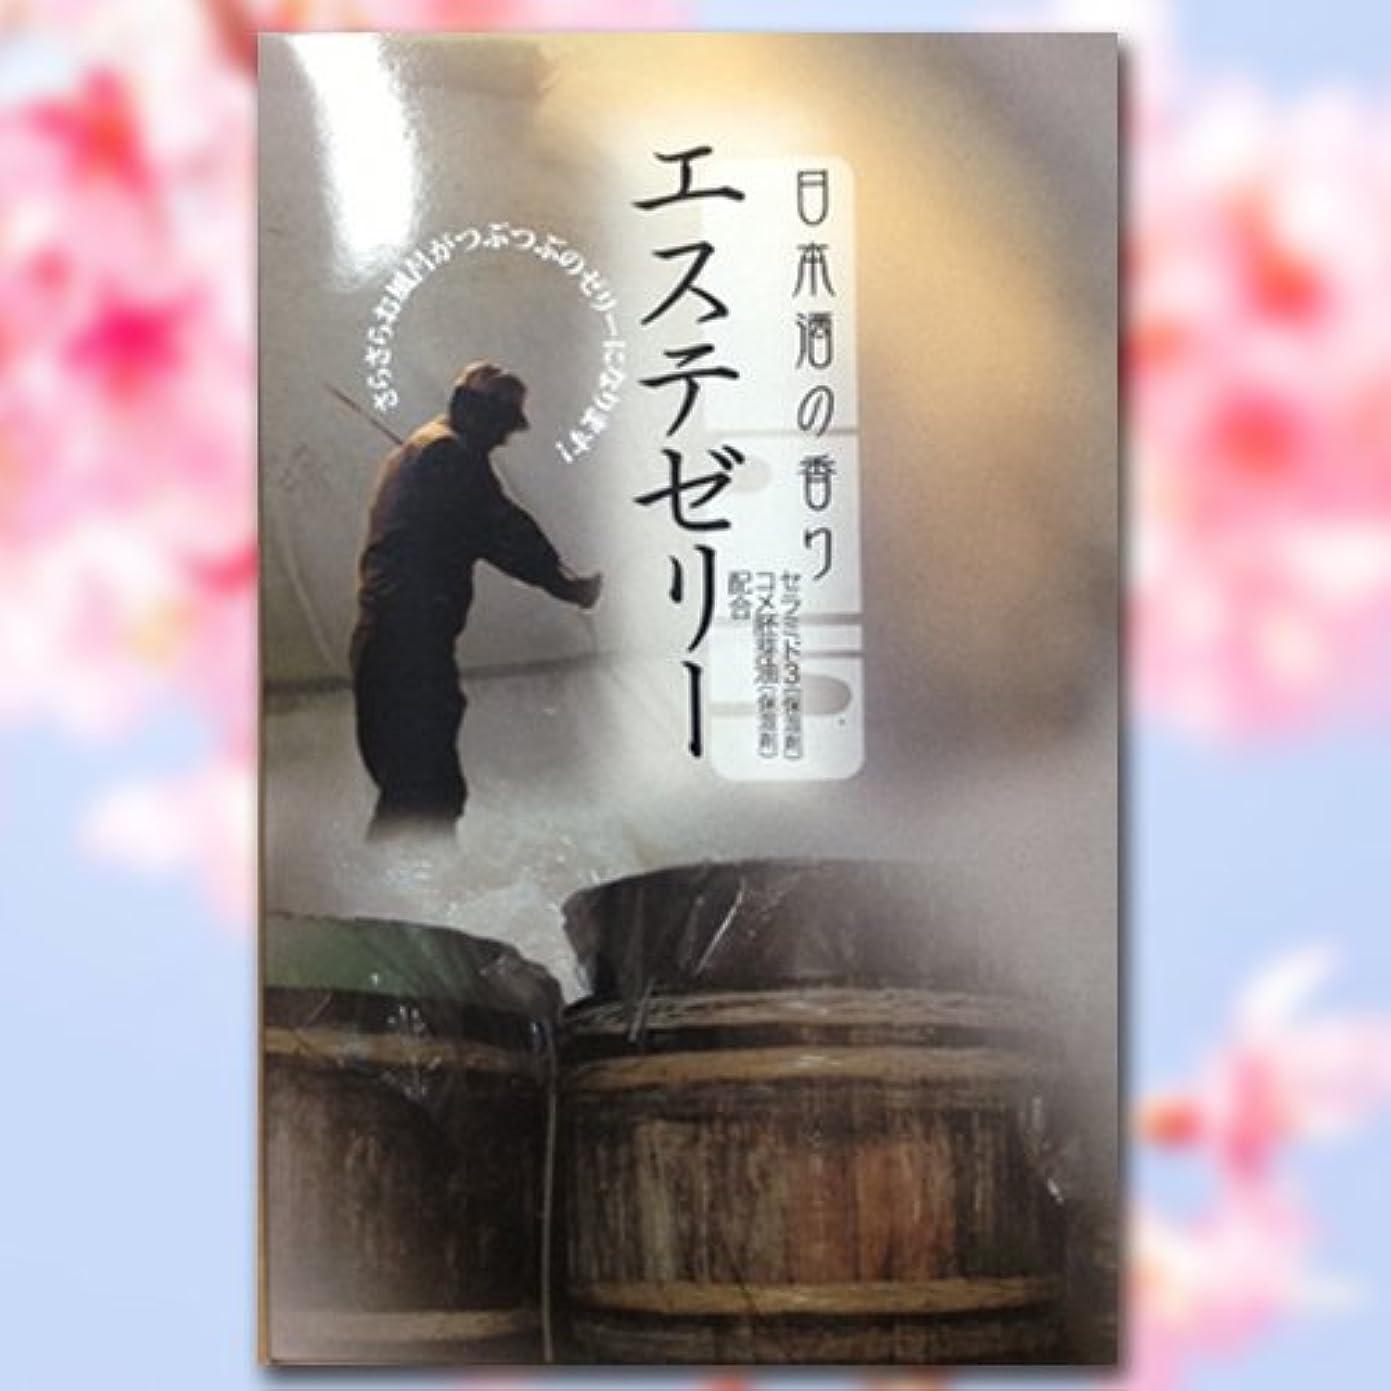 タッチそれによって貧困【2個セット】Esthe Jelly エステゼリー 日本酒の香り (入浴剤)